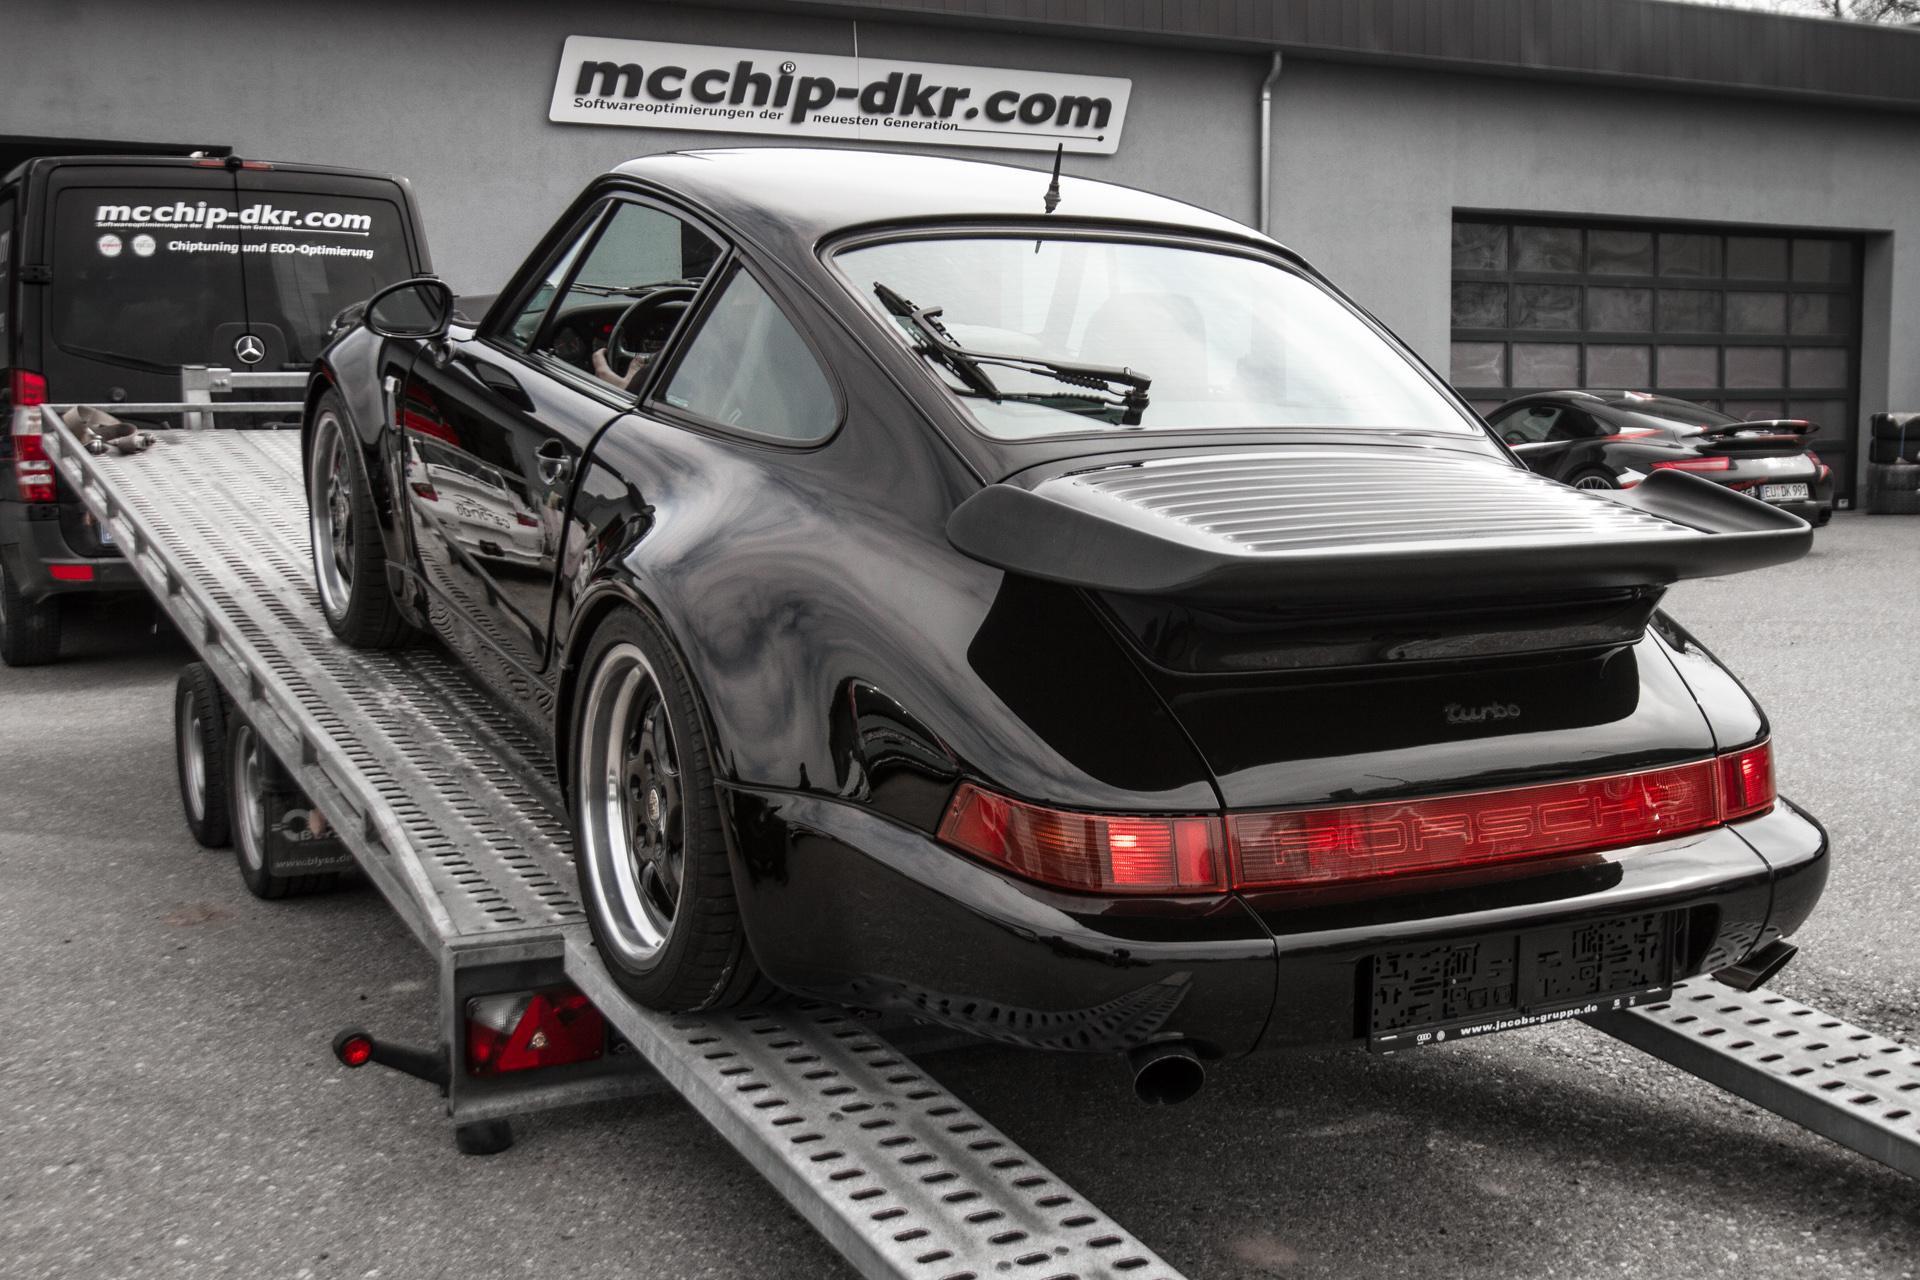 Restauration And Rebuilding Porsche 964 Turbo